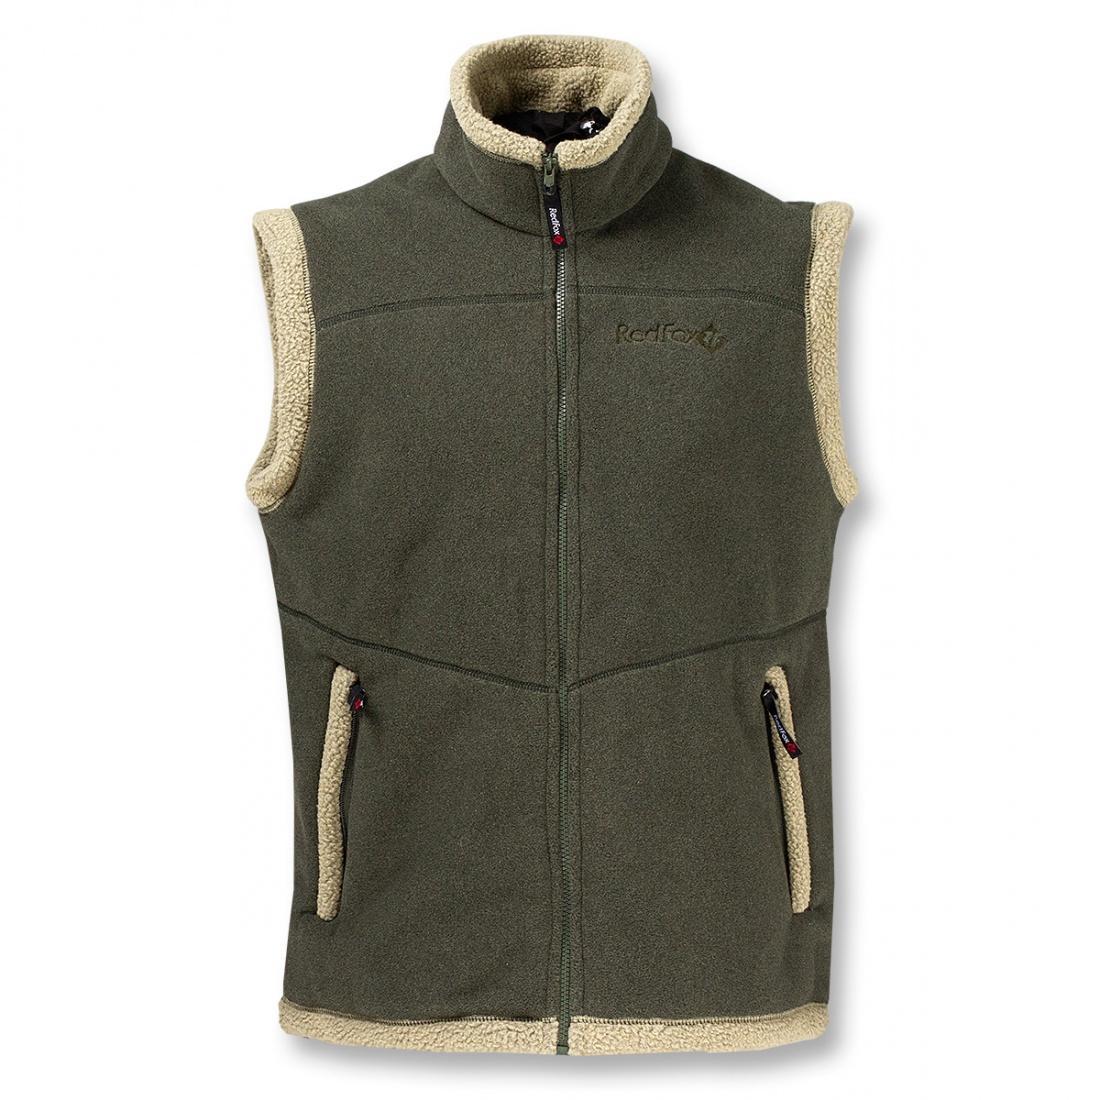 Жилет LhasaЖилеты<br><br> Очень теплый жилет из материала Polartec® 300, выполненный в стилистике куртки Cliff.<br><br><br> Основные характеристики<br><br><br><br><br>воротник ...<br><br>Цвет: Зеленый<br>Размер: 46